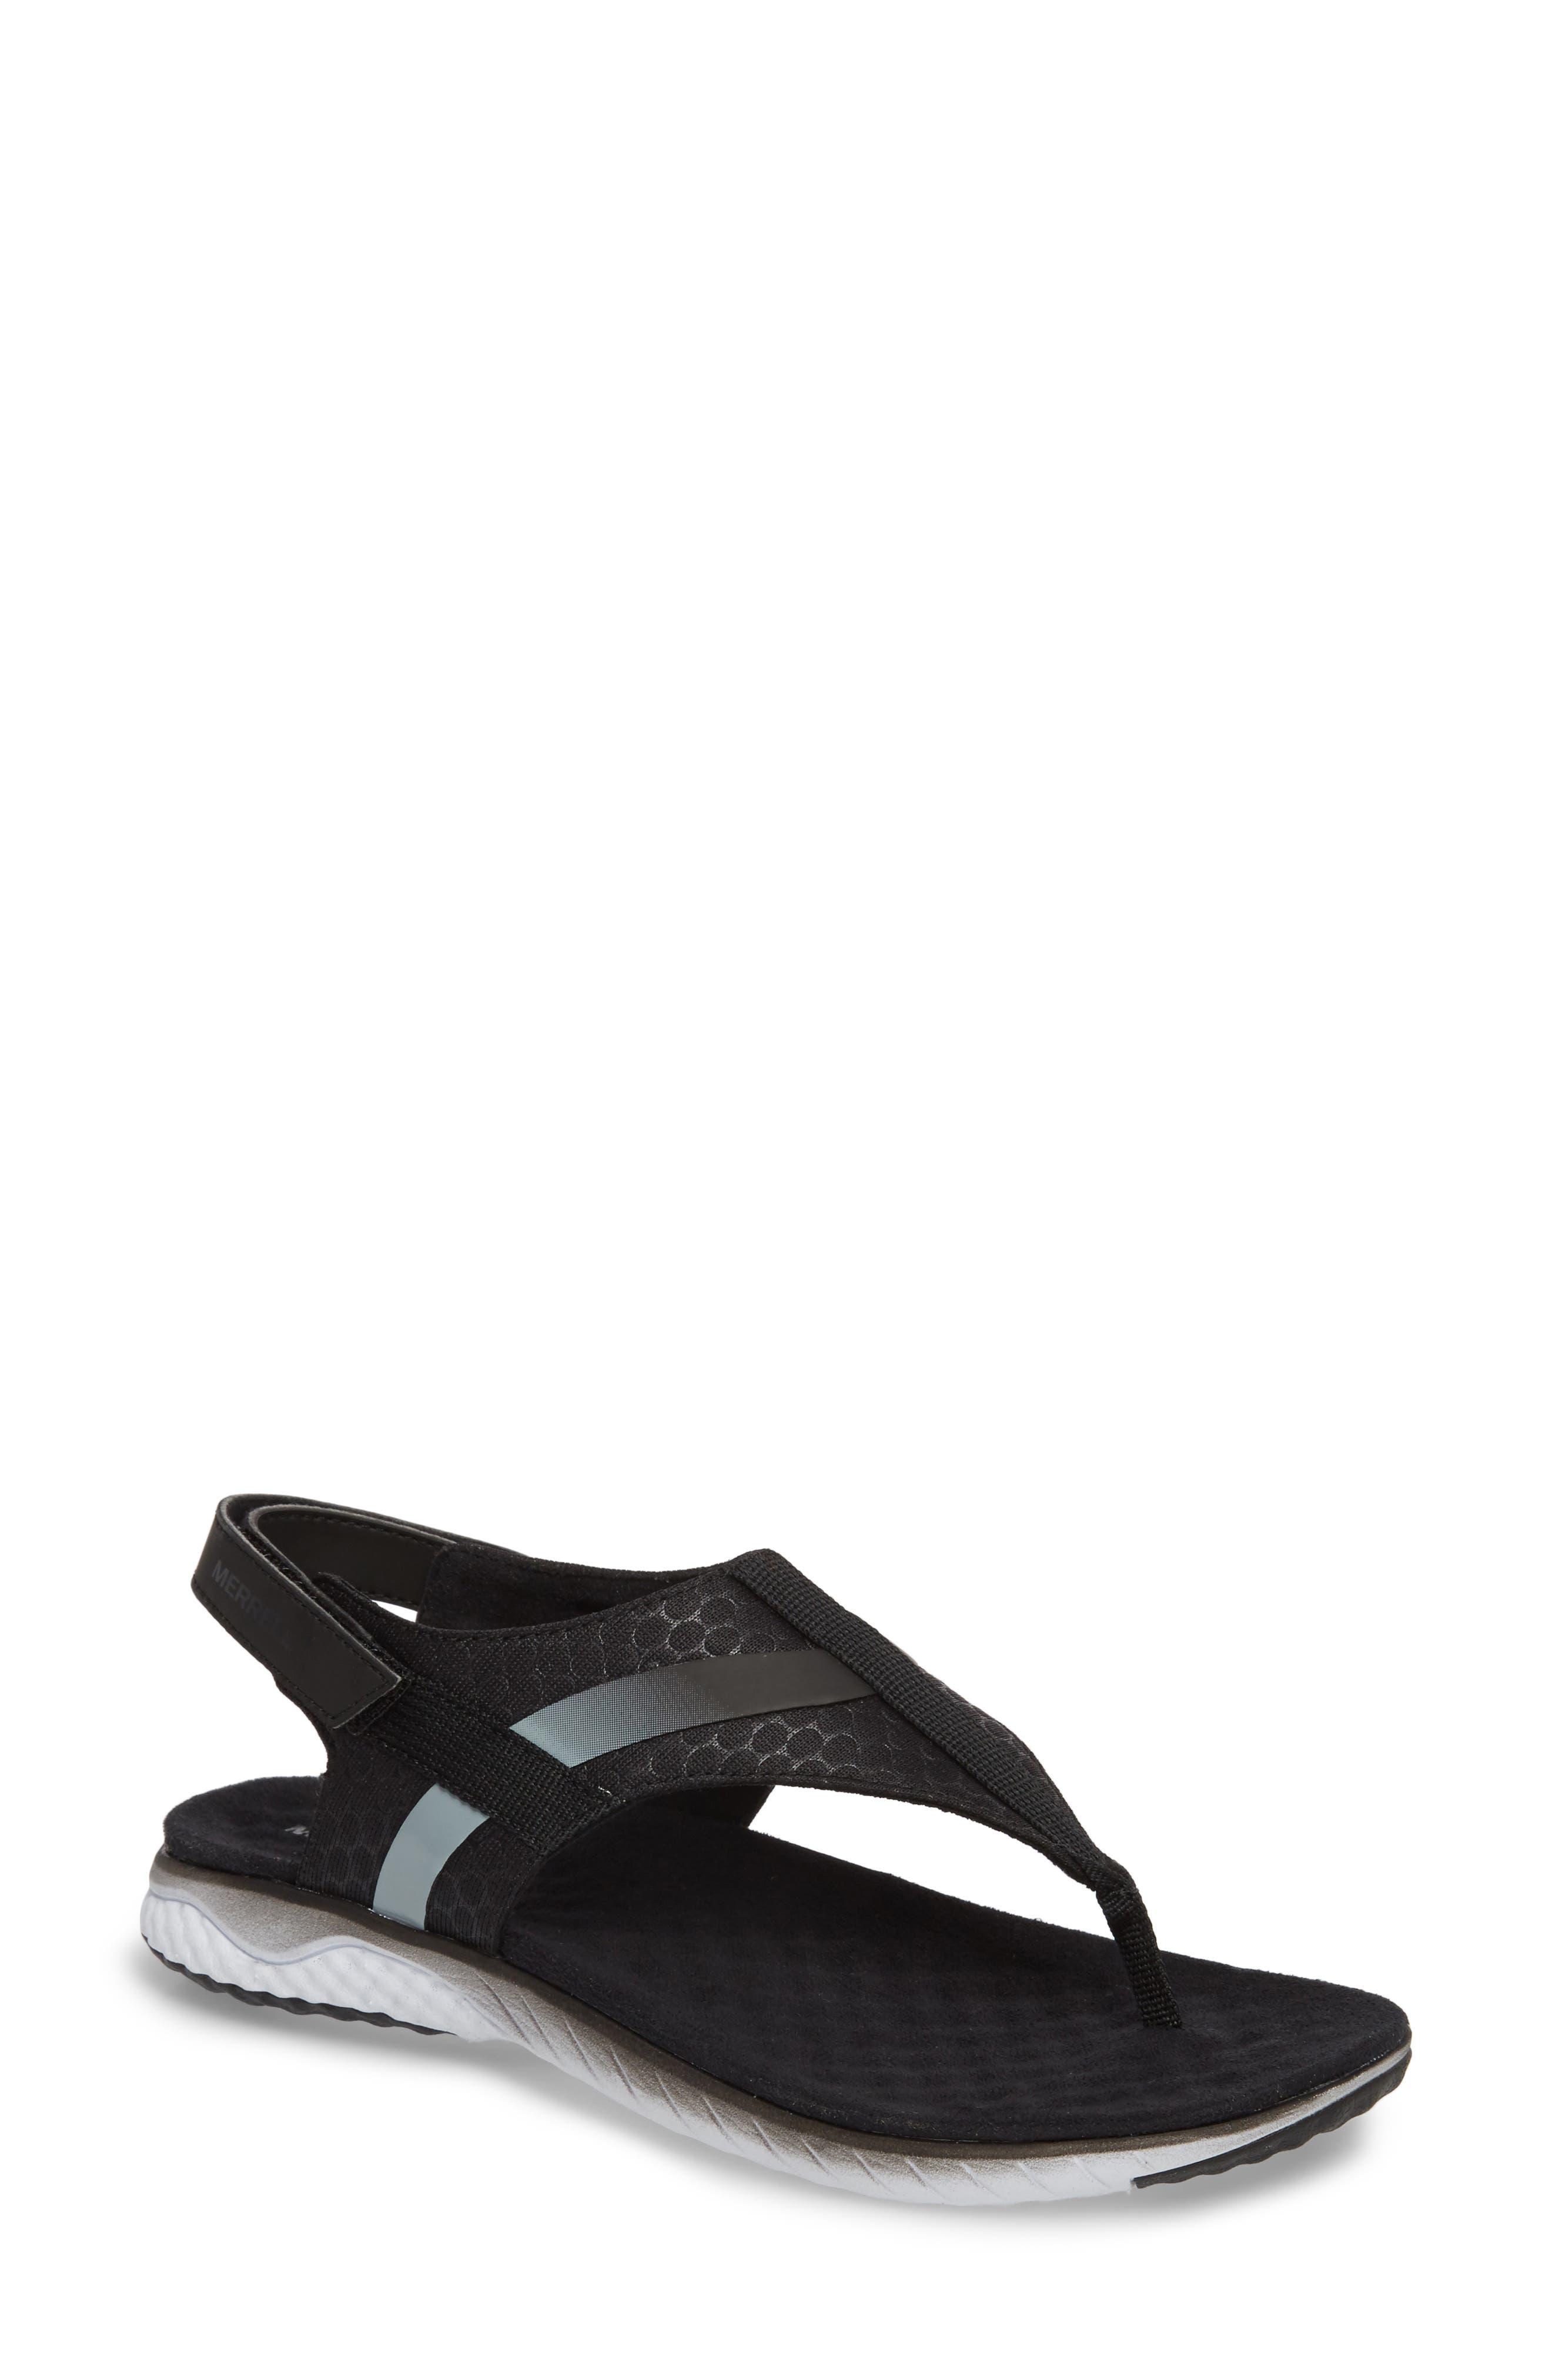 1SIX8 Linna Slide Air Cushion+ Sandal,                             Main thumbnail 1, color,                             001